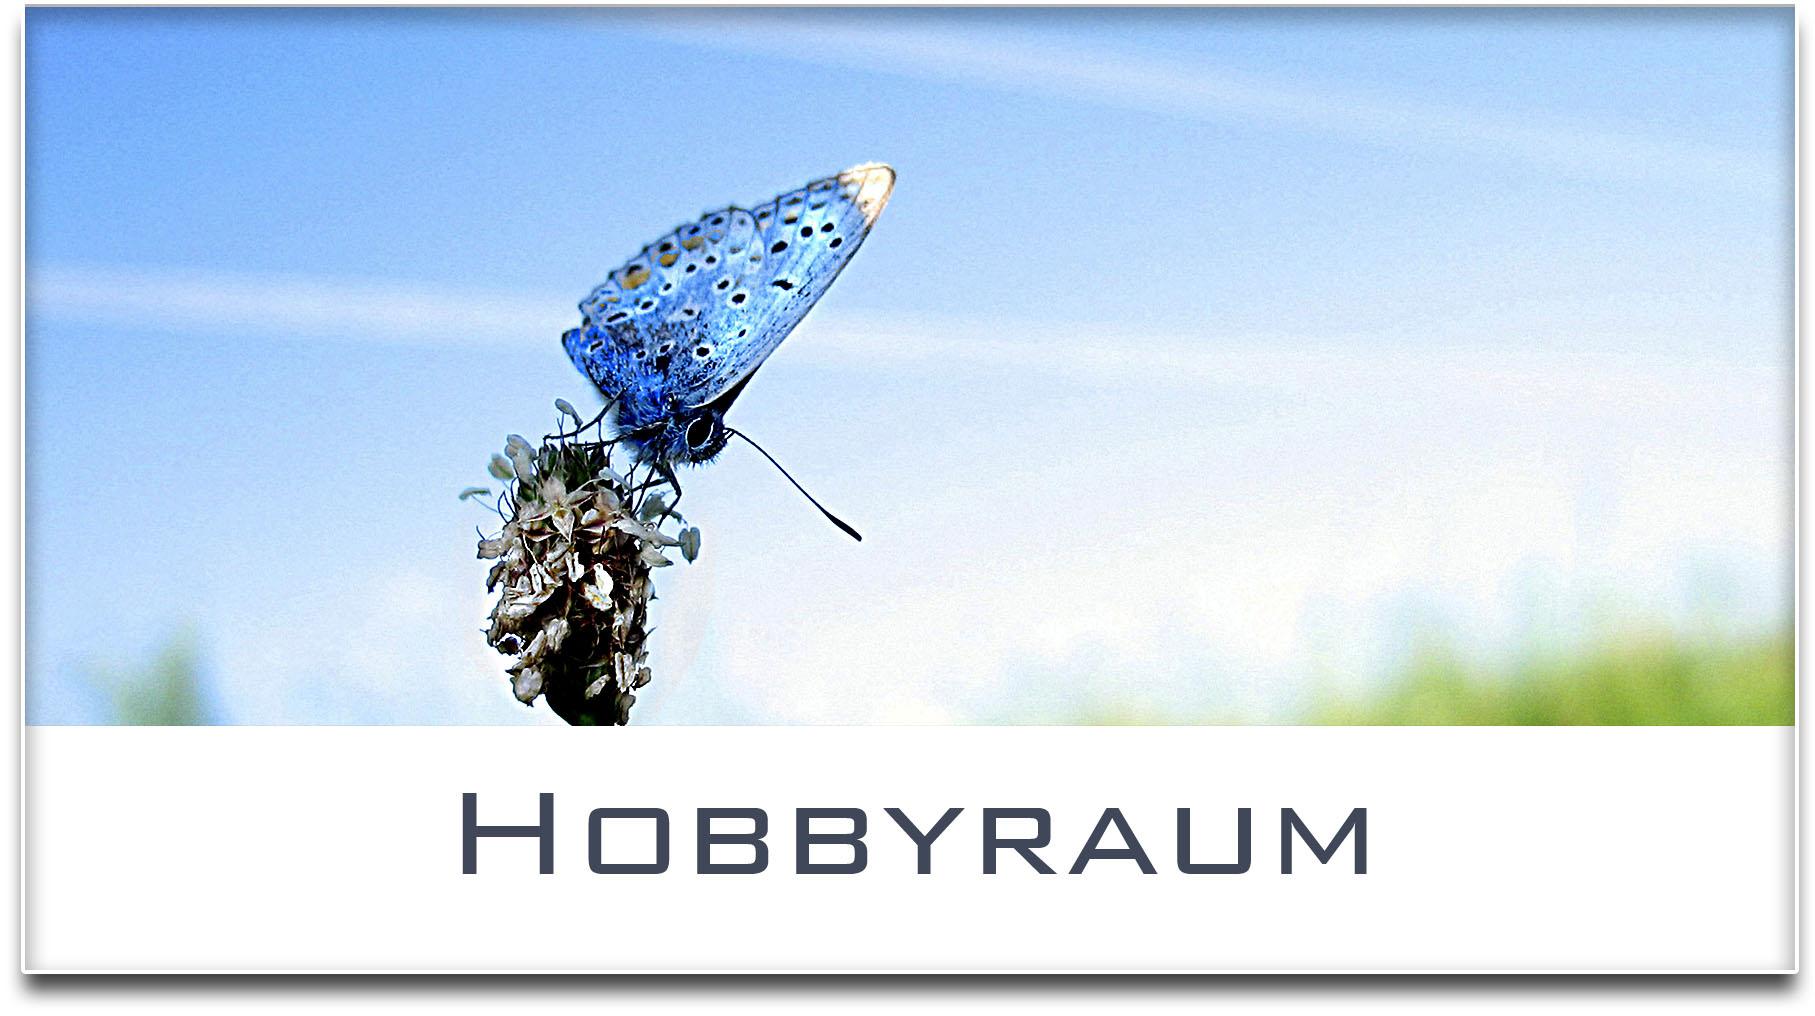 Türschild / Haustürschild / Schmetterling / Hobbyraum / Selbstklebend